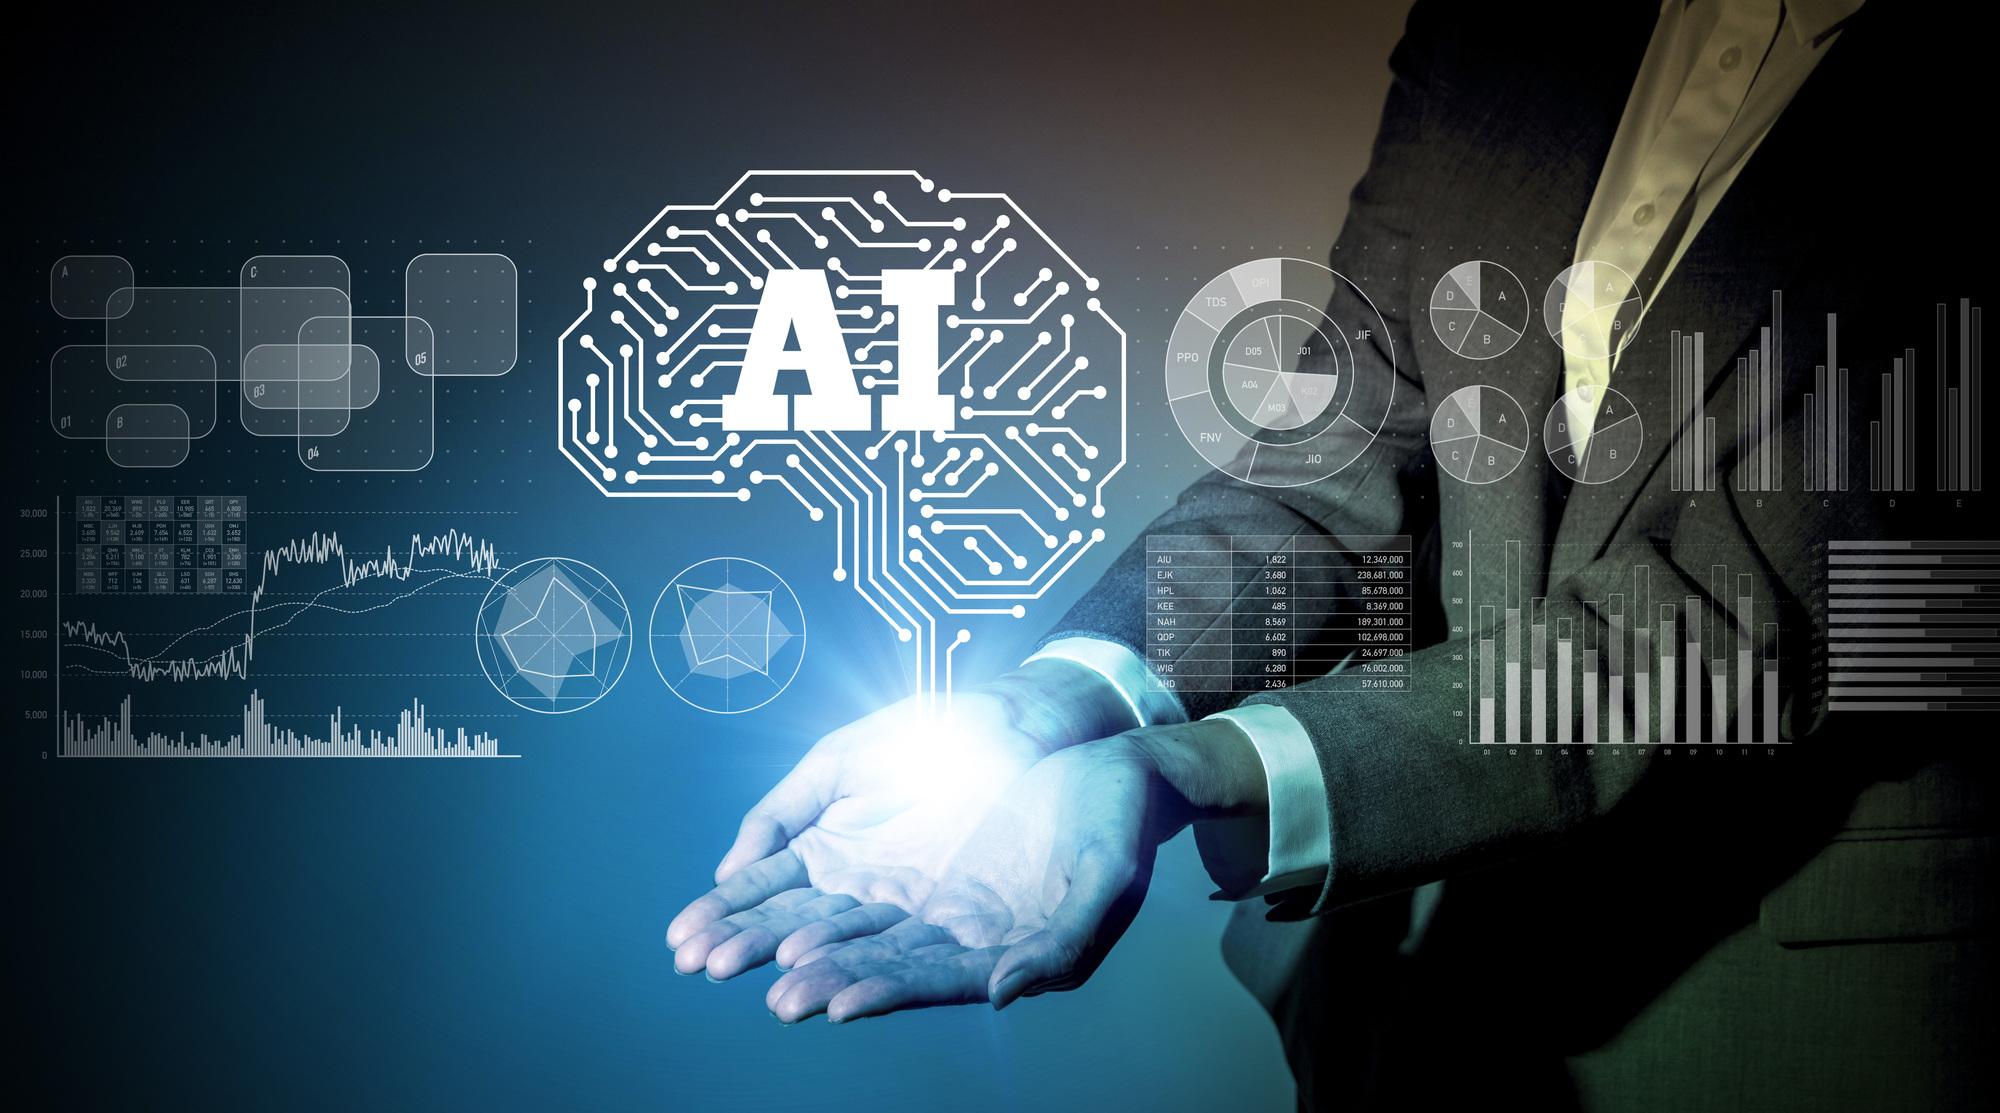 07_人工知能AIができること、できないこととは?今後の需要も合わせてチェック